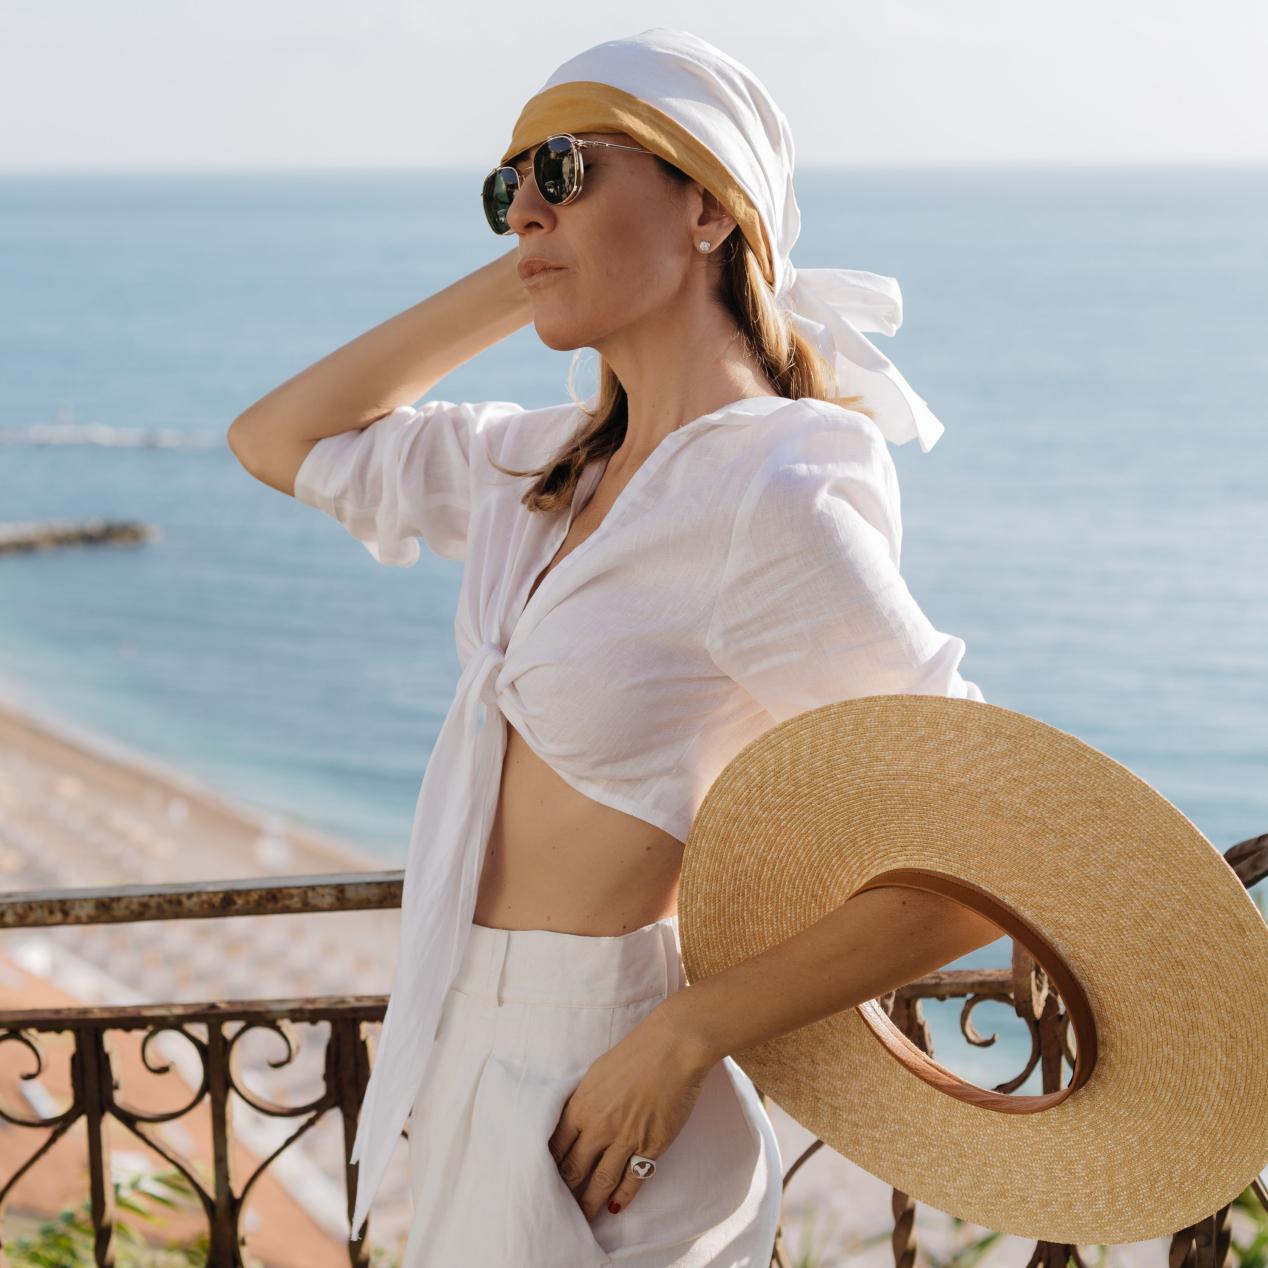 bandana-hat-nero-cappello-in-paglia-montegallo